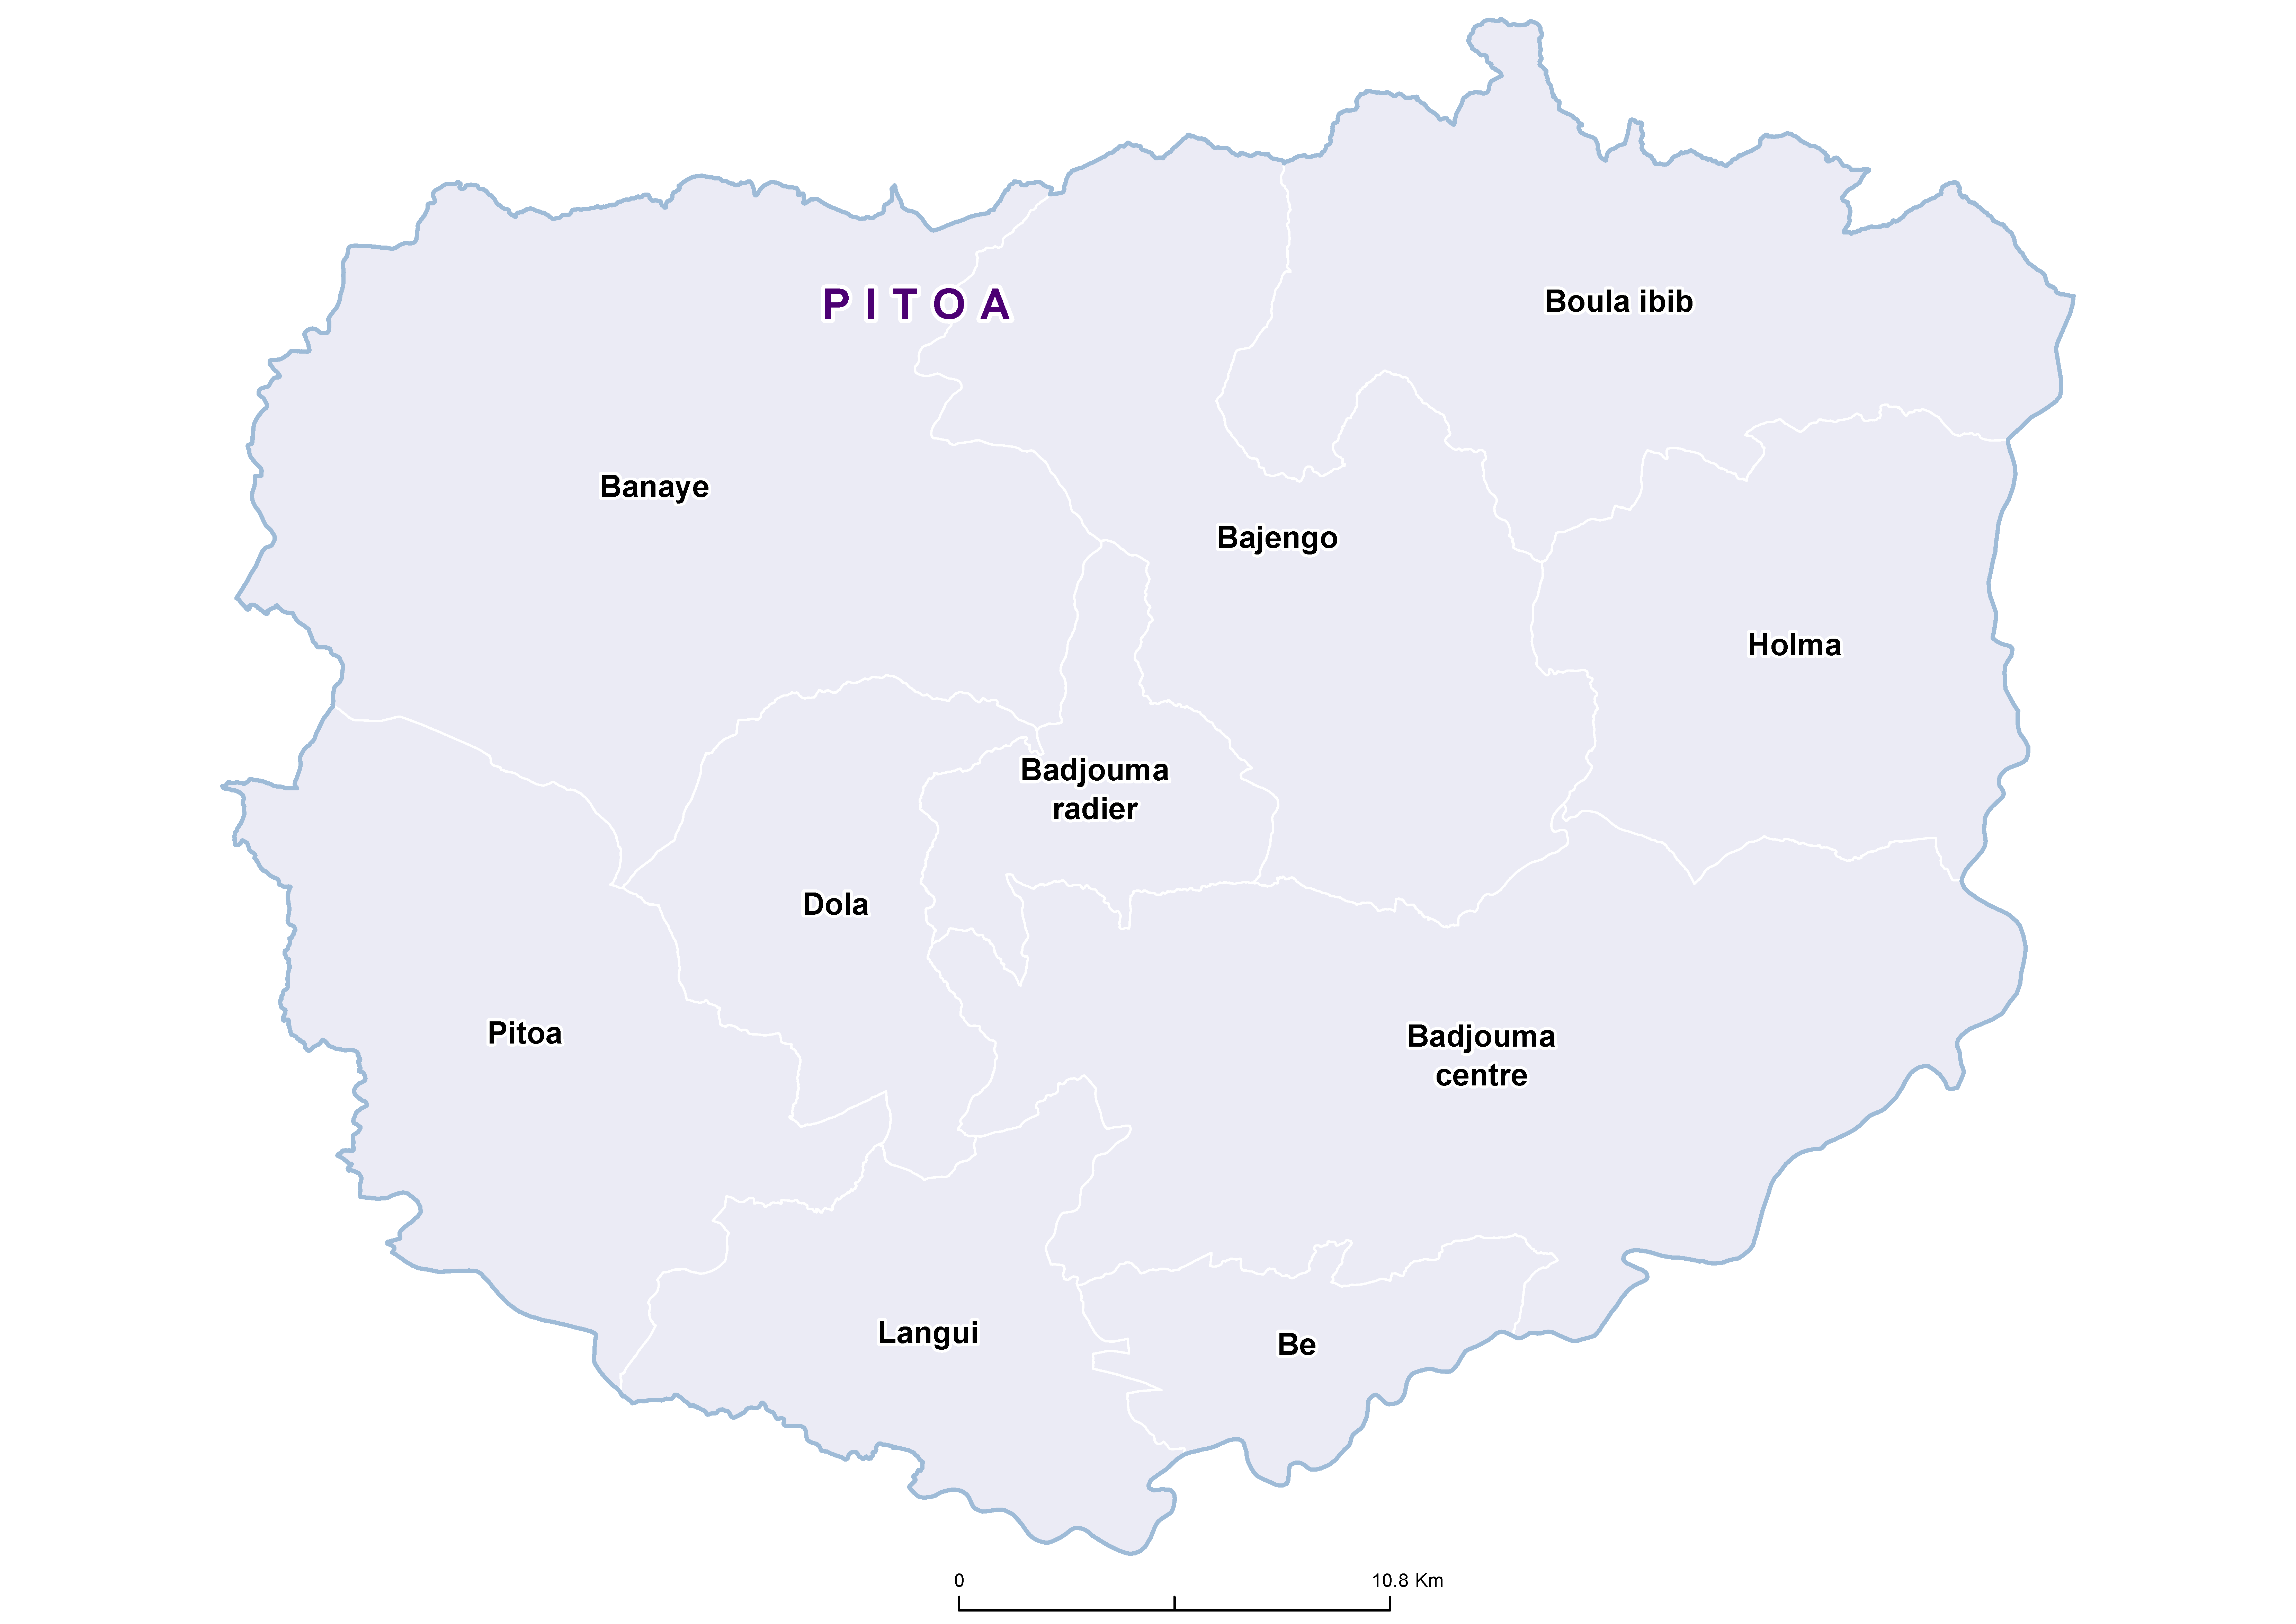 Pitoa STH 20180001